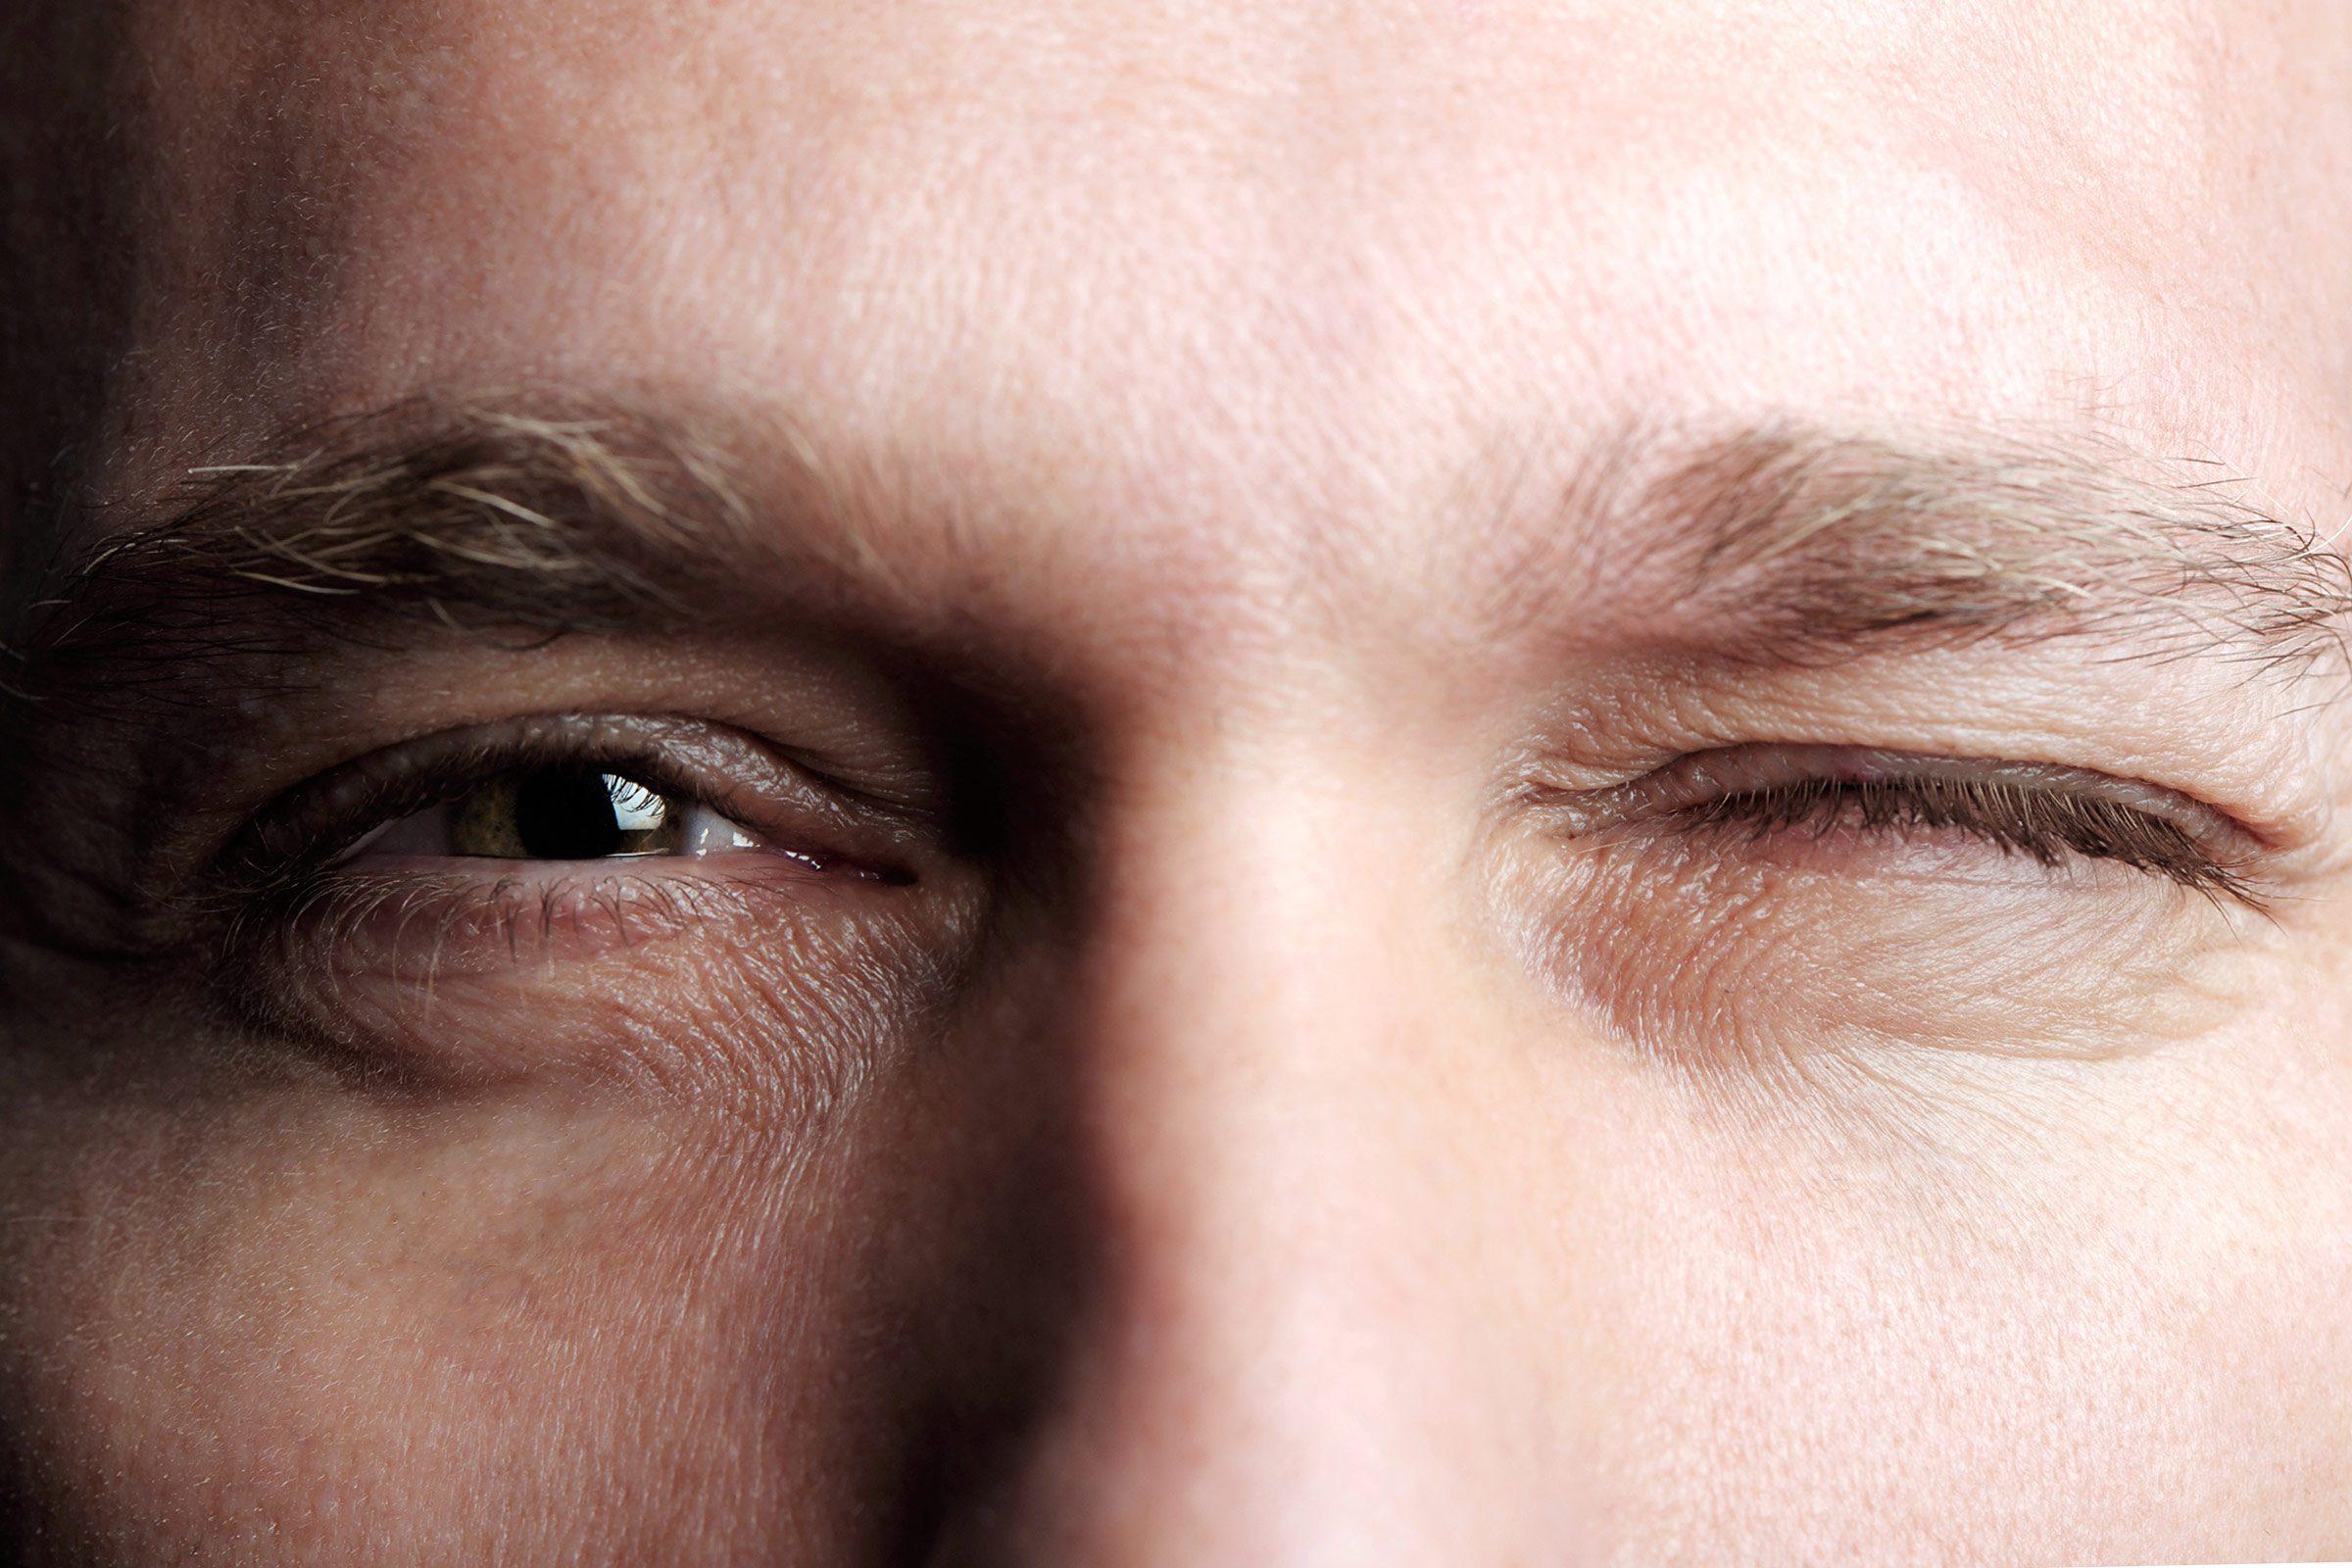 concussion symptoms man eyes pupils